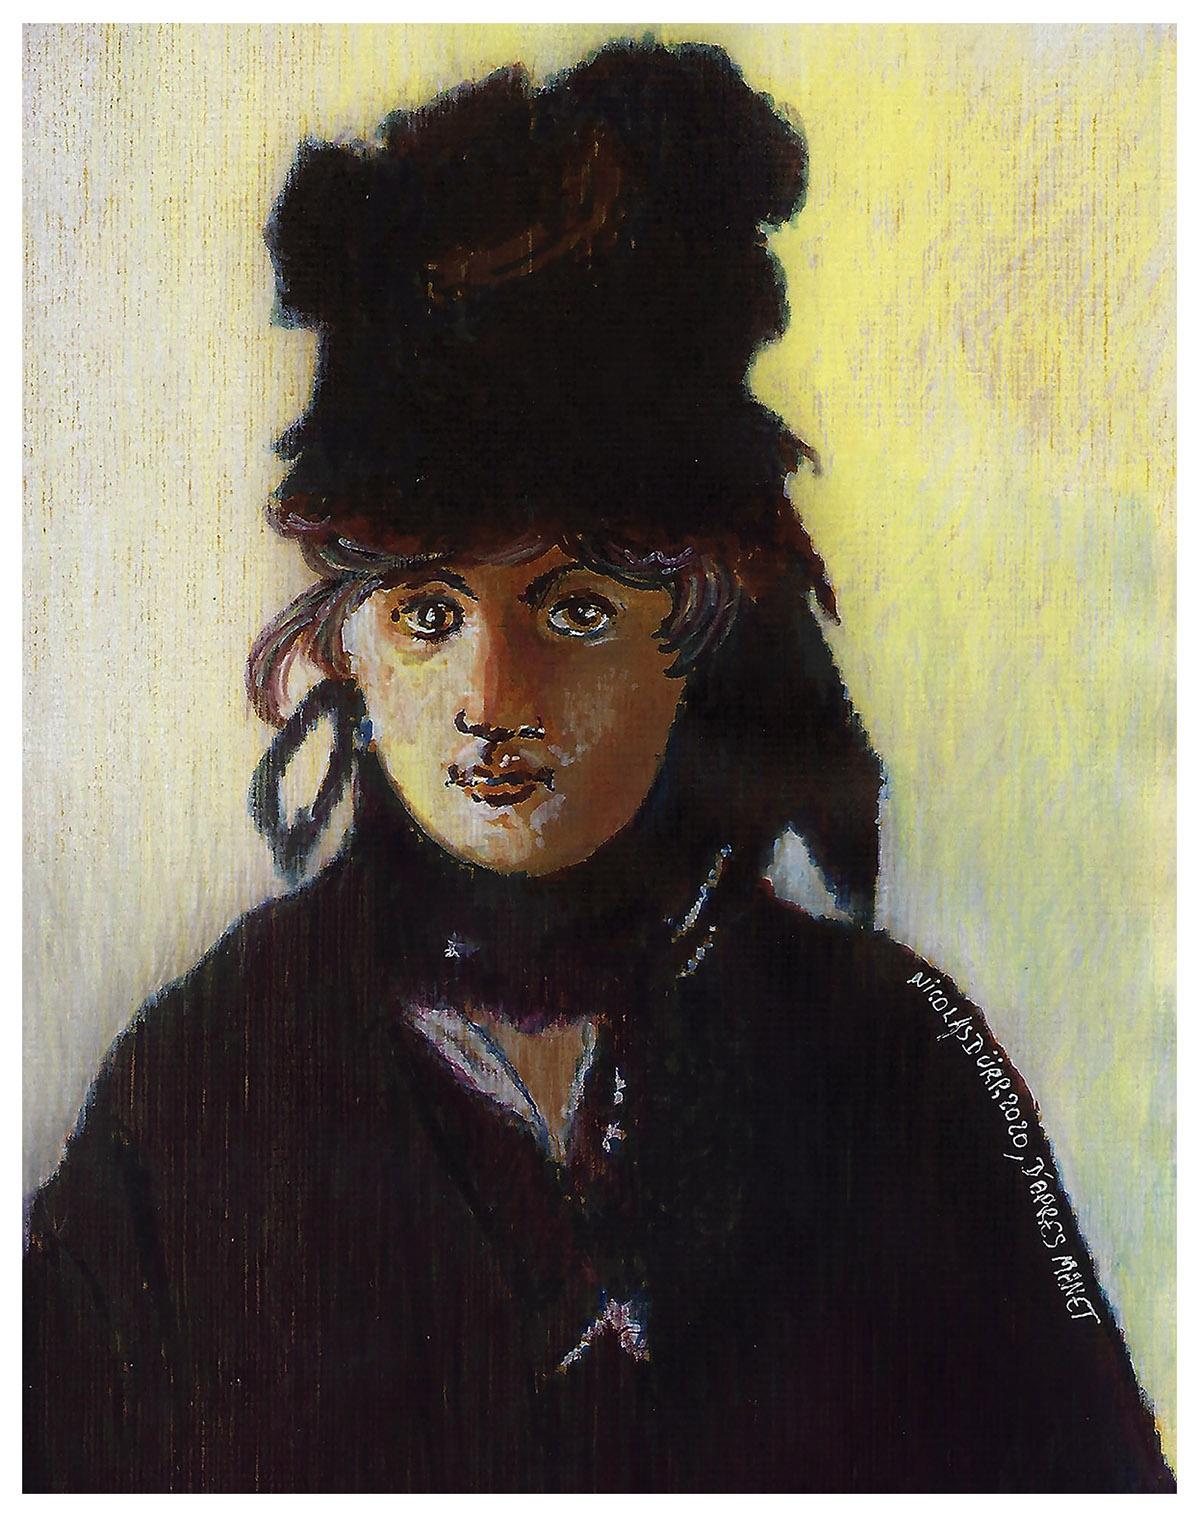 La publication d'une contributrice invitée : «Berthe Morisot», par IsabelleWerck